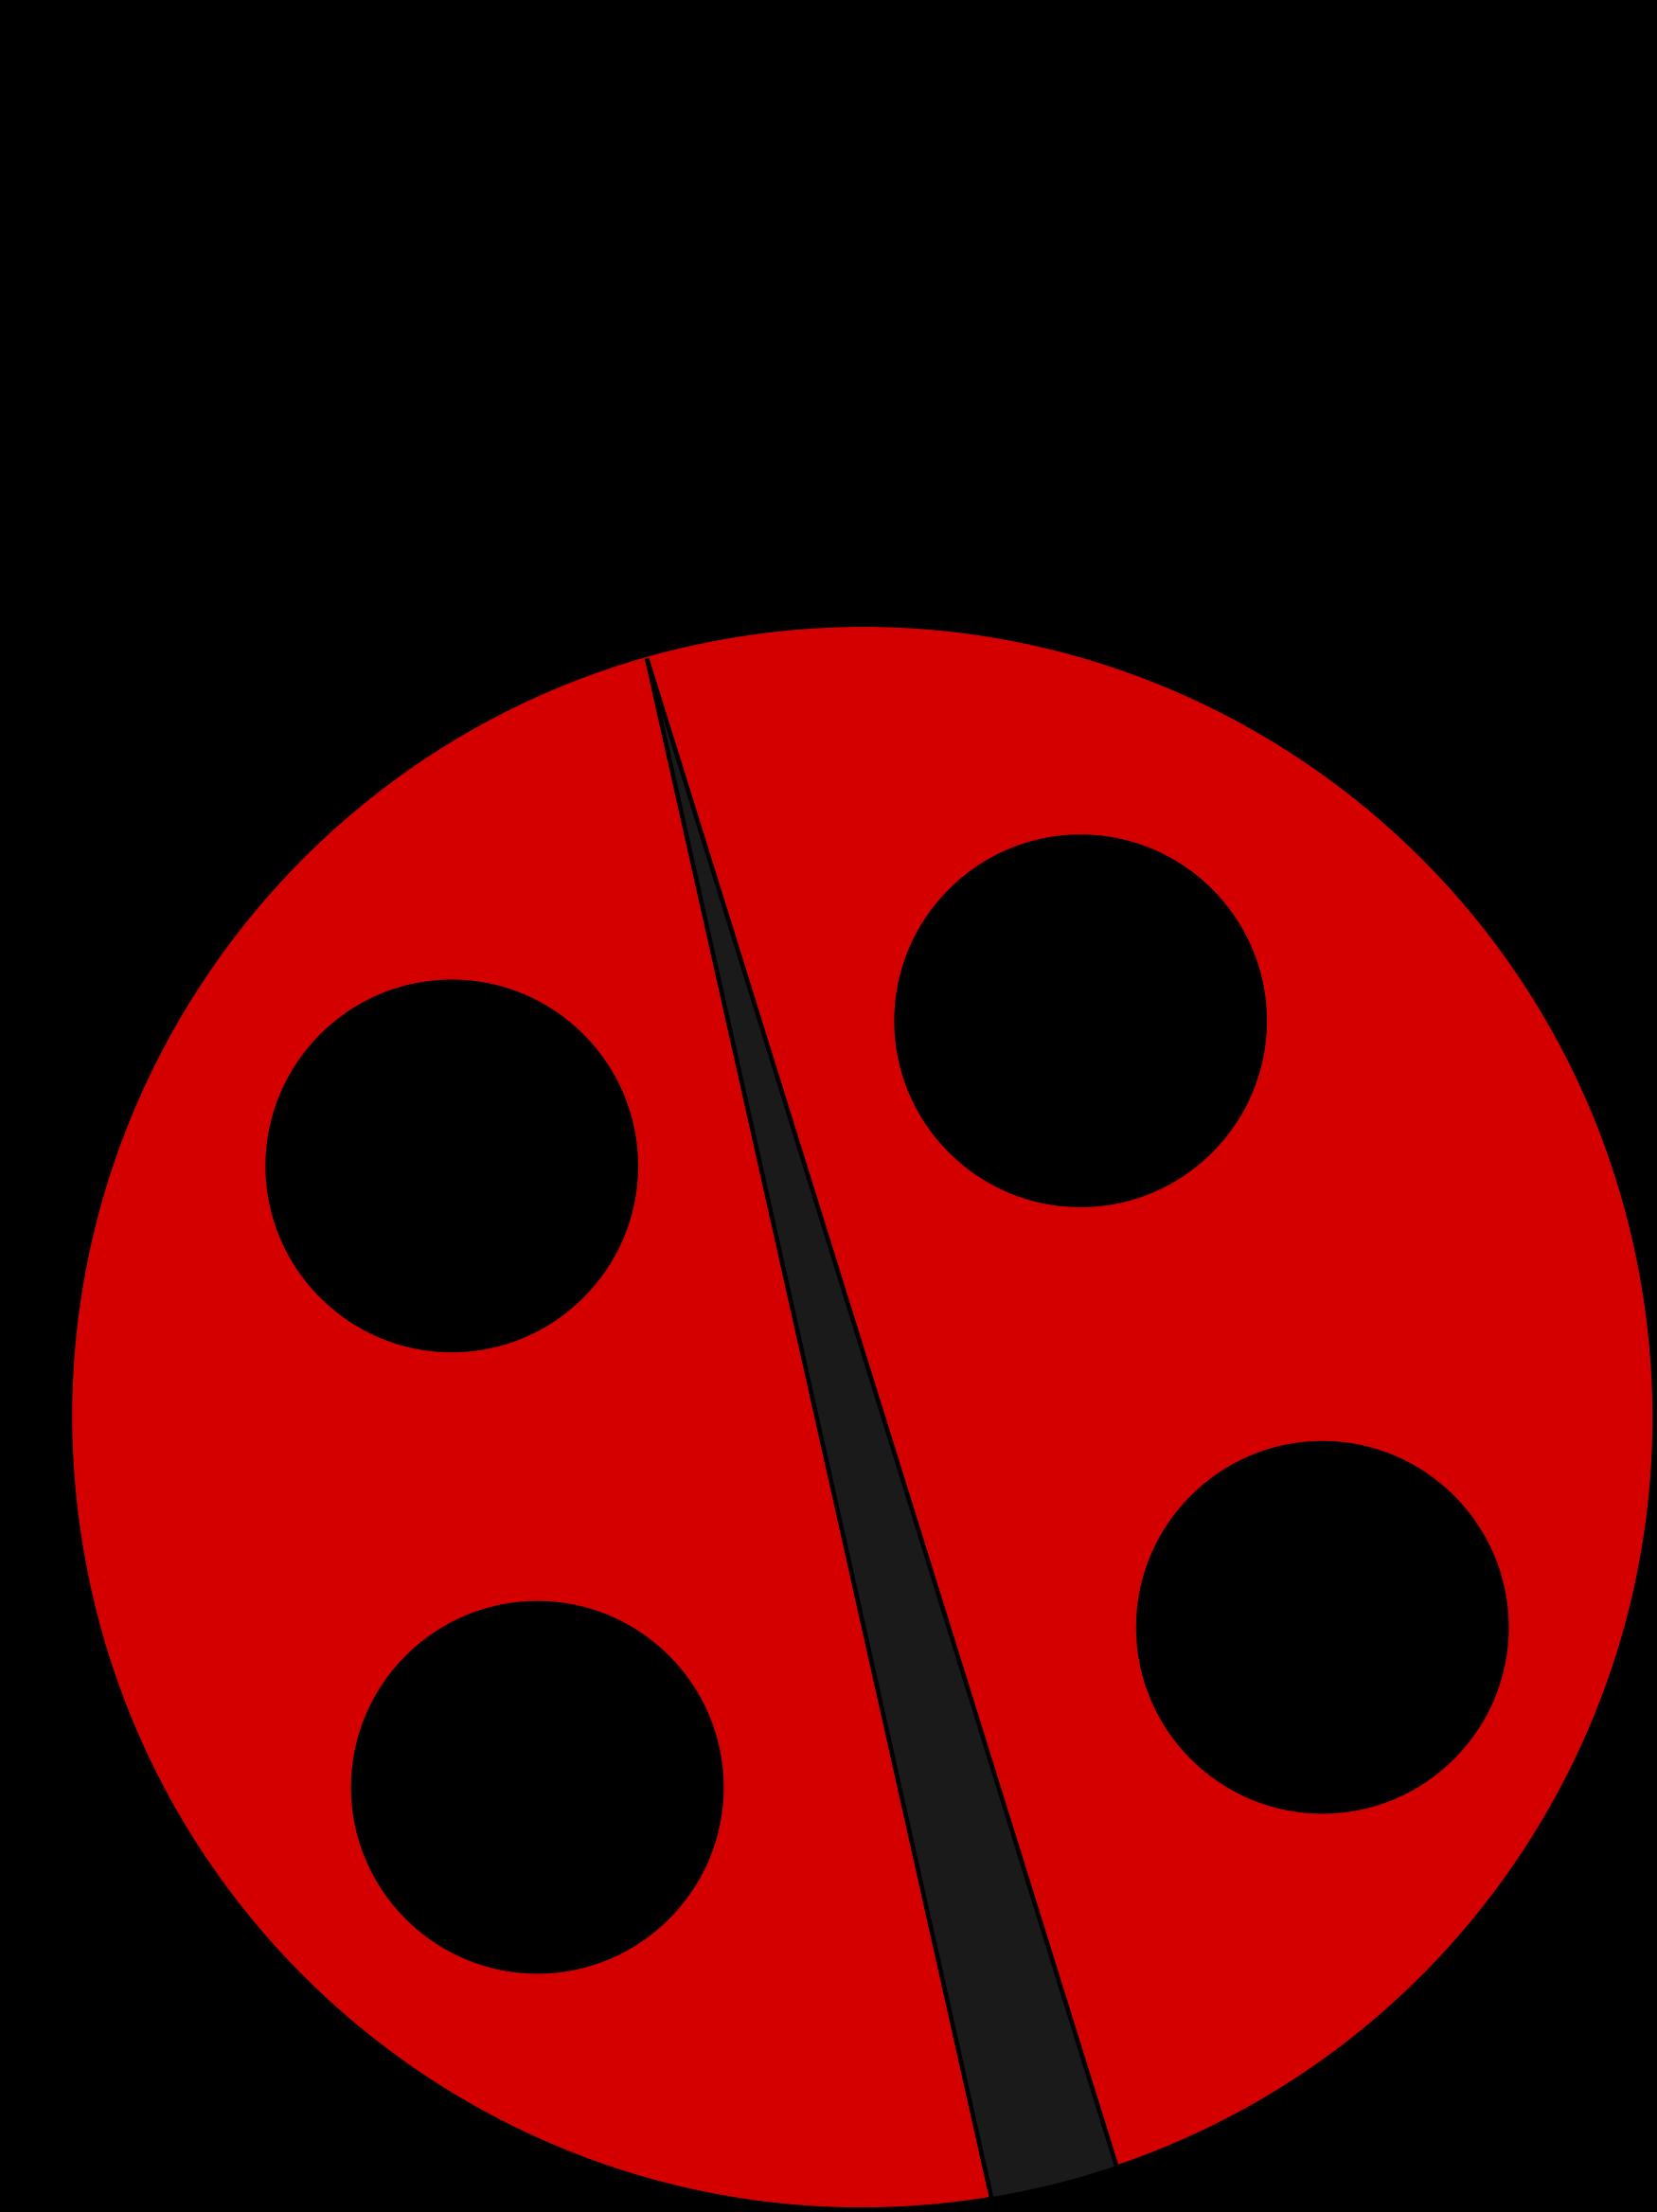 royalty free Ladybug big image png. Ladybugs clipart